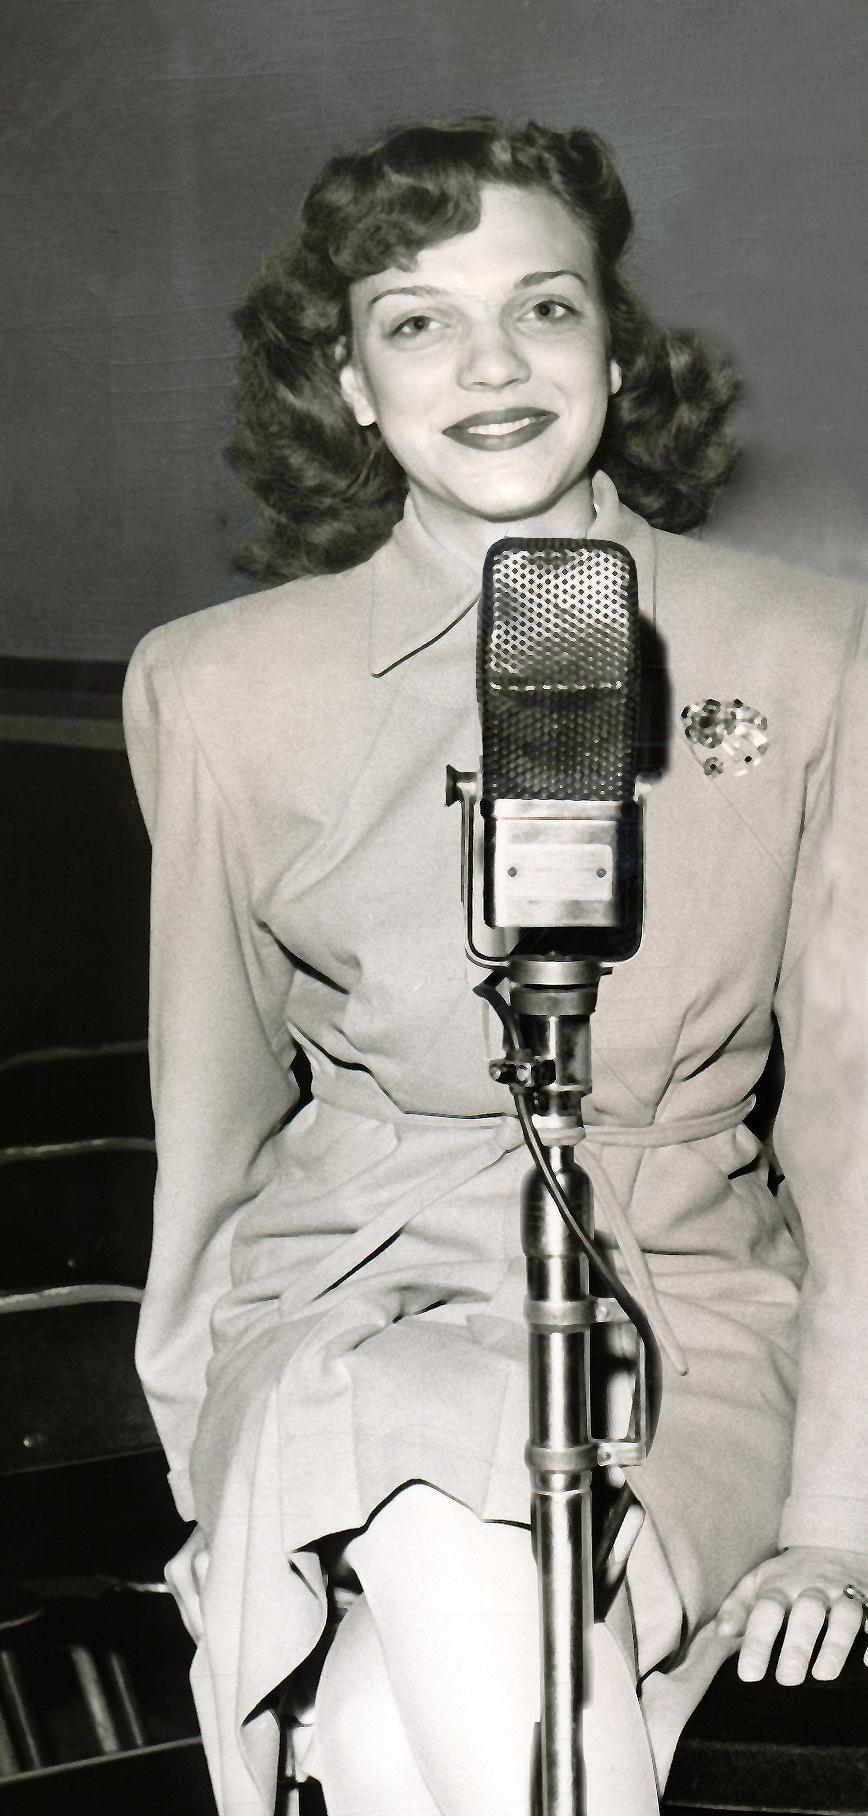 BLO at Mic - May, 1947-Edited-2.jpg